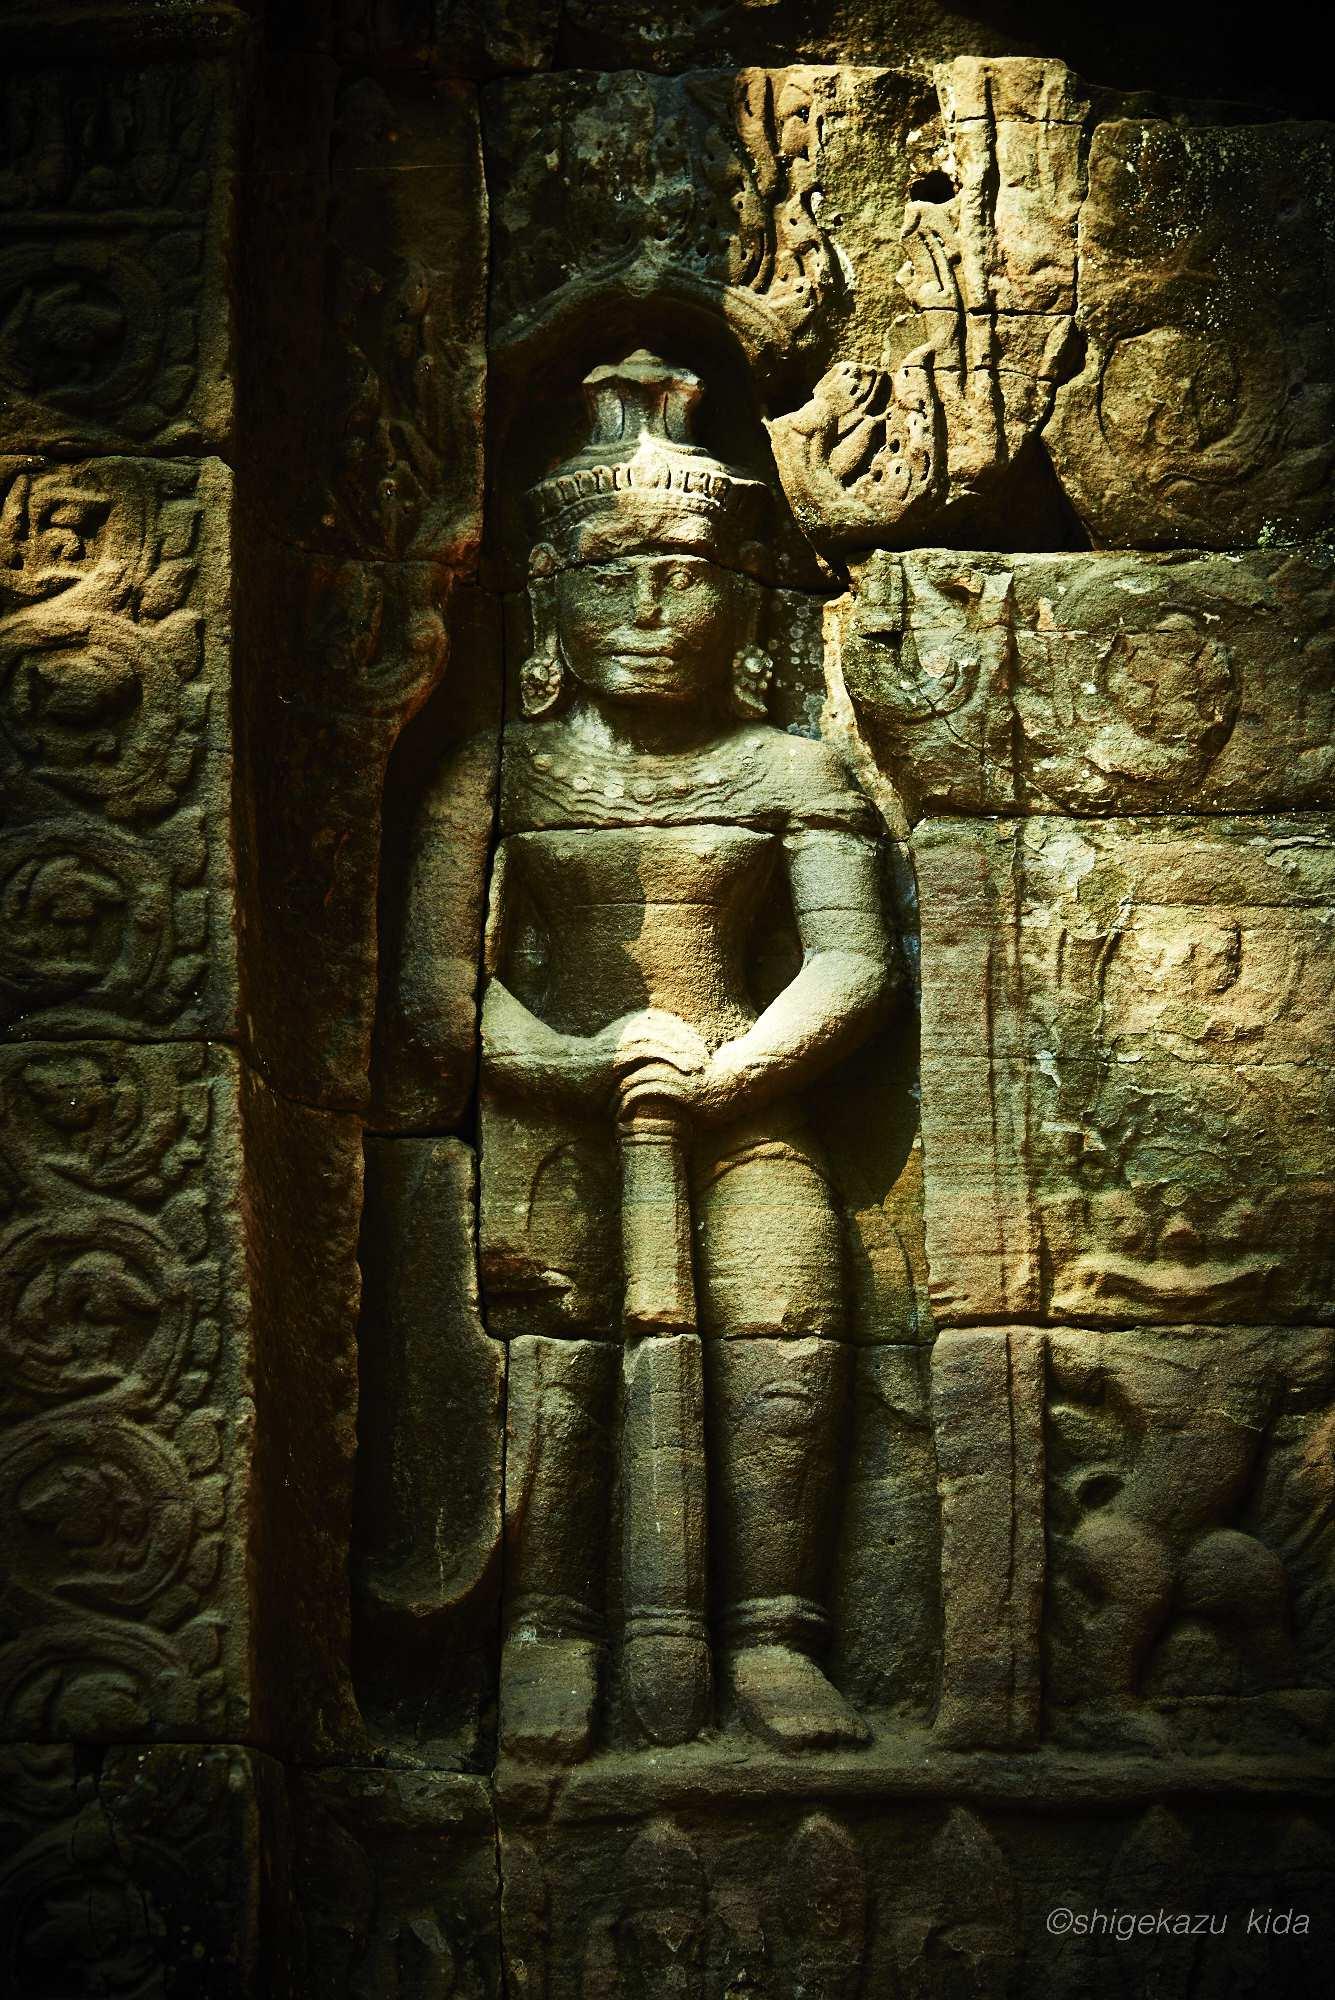 Angkor(アンコール)遺跡群にあるTaSom(タ・ソム)のレリーフ